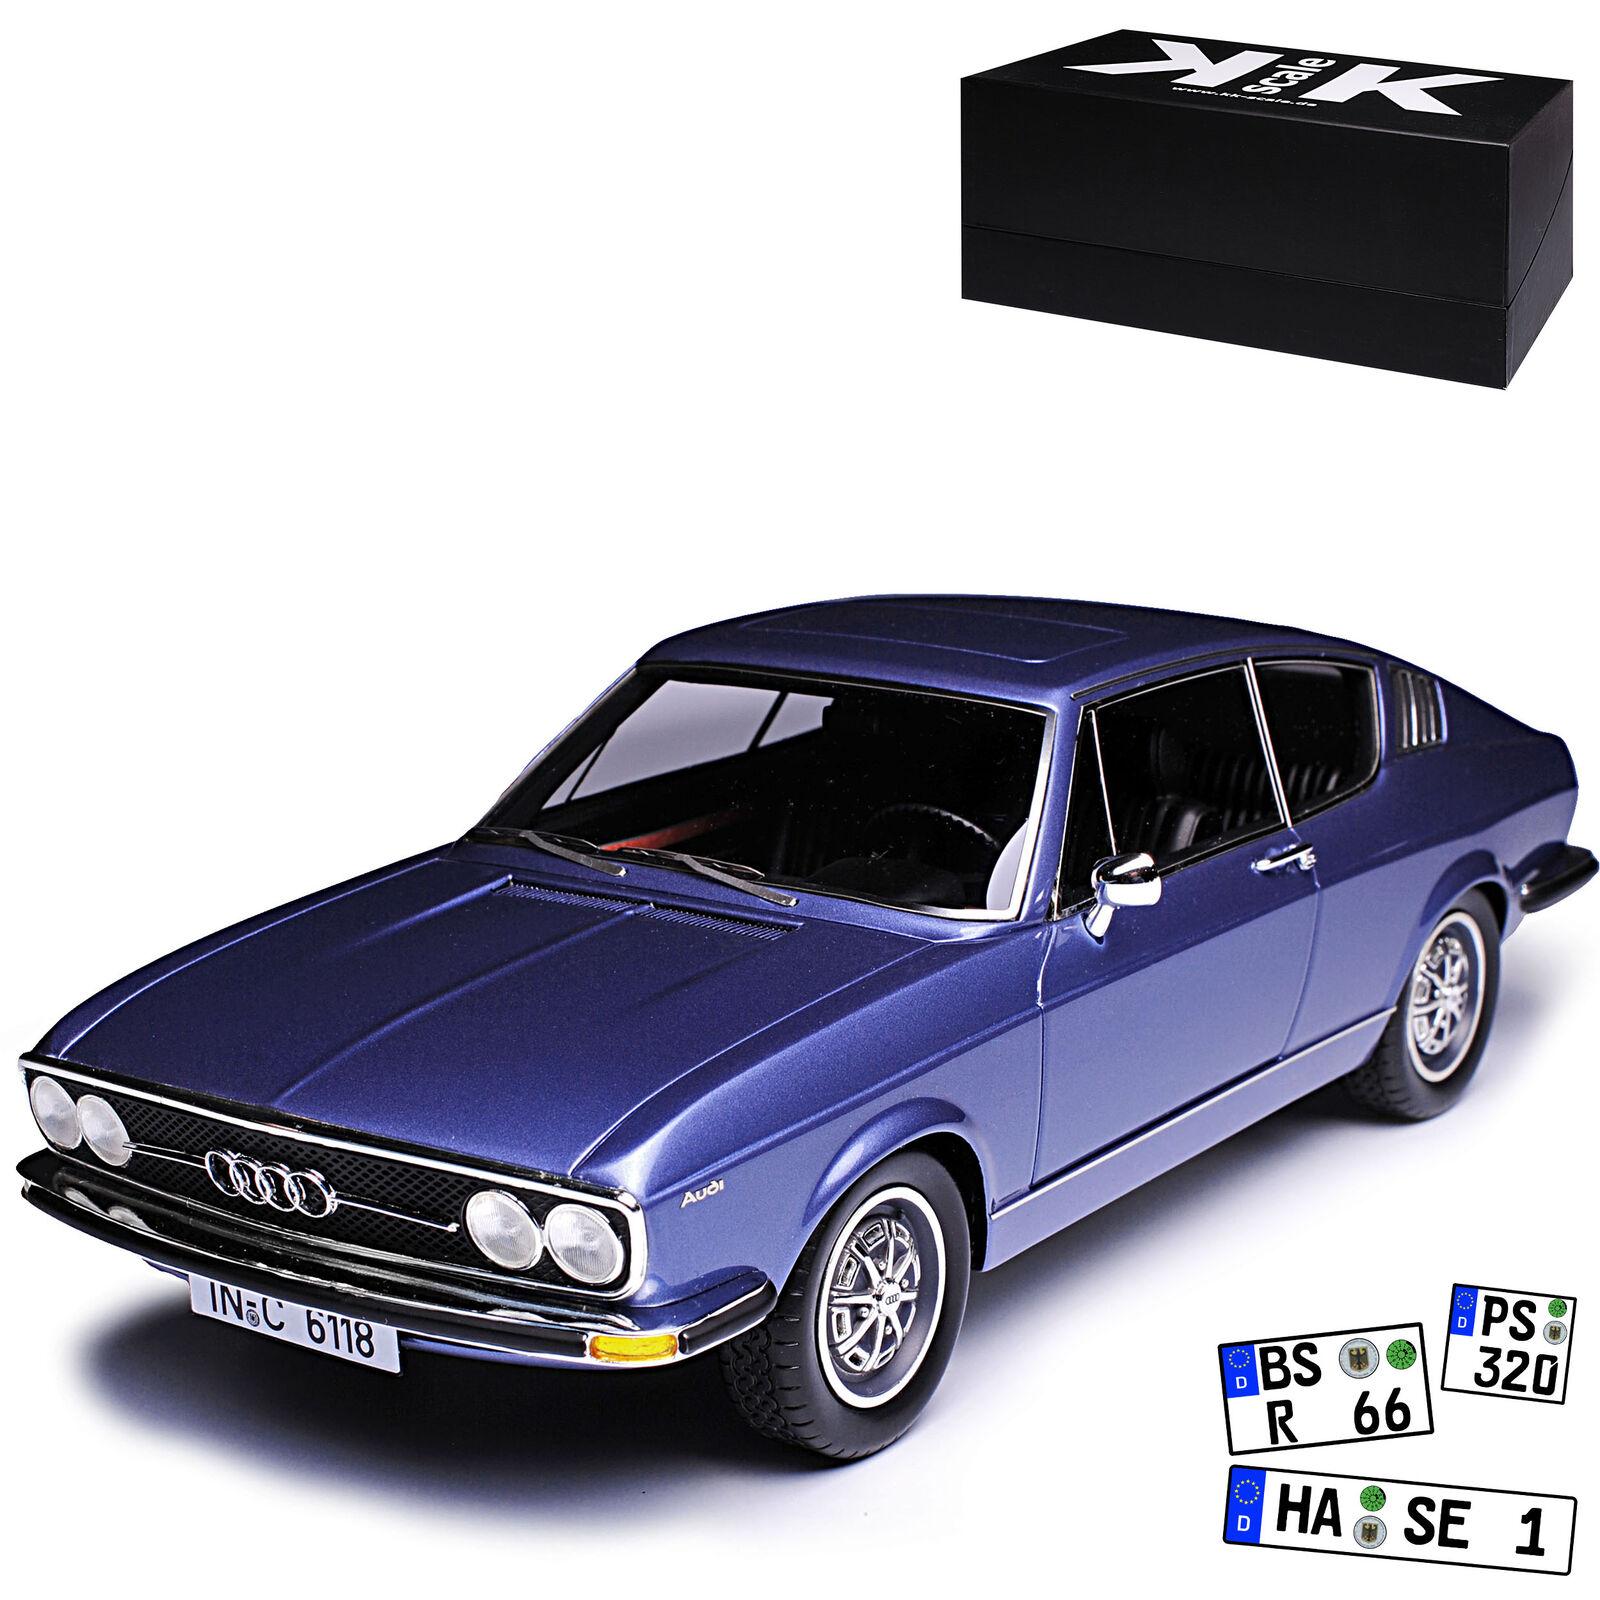 AUDI 100 S c1 Coupe Blu 19681976 stata limitata 500 pezzi 118 KKscale modellololo au...